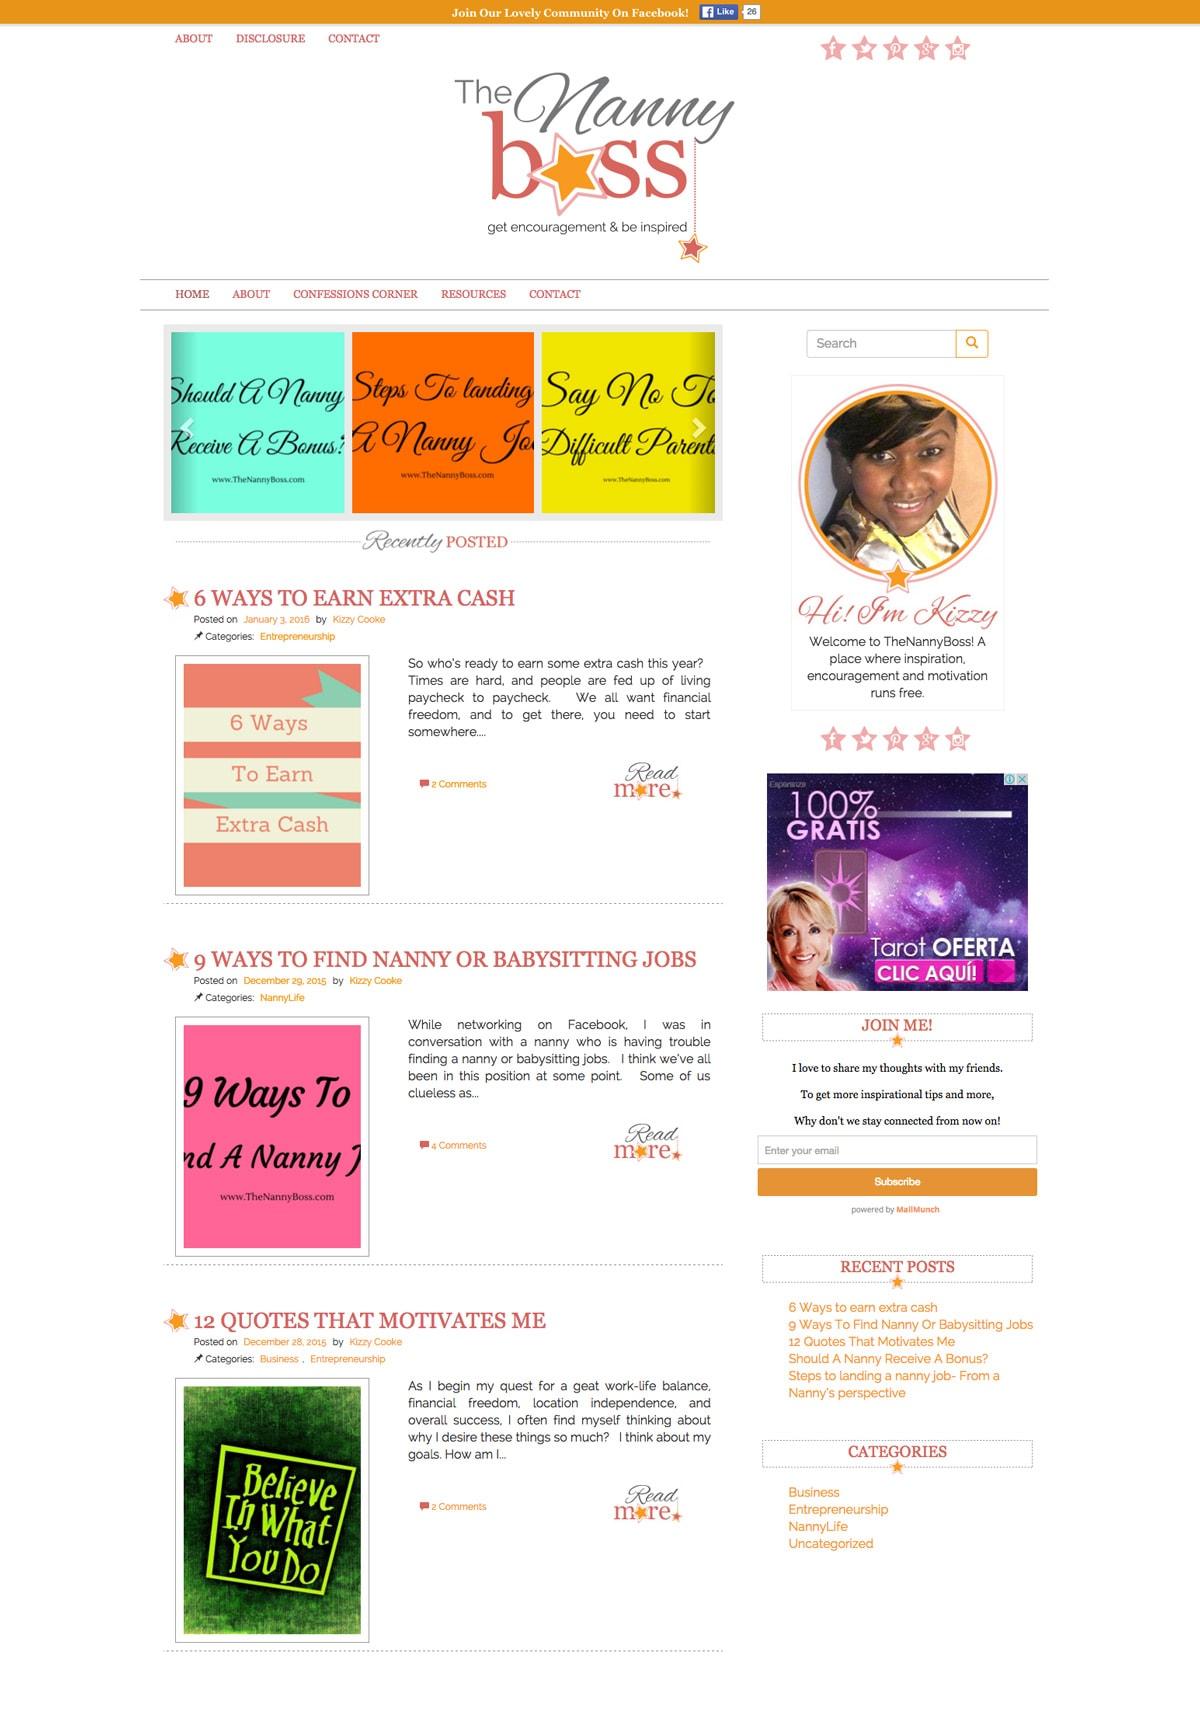 The Nanny Boss Fresh Blog Design